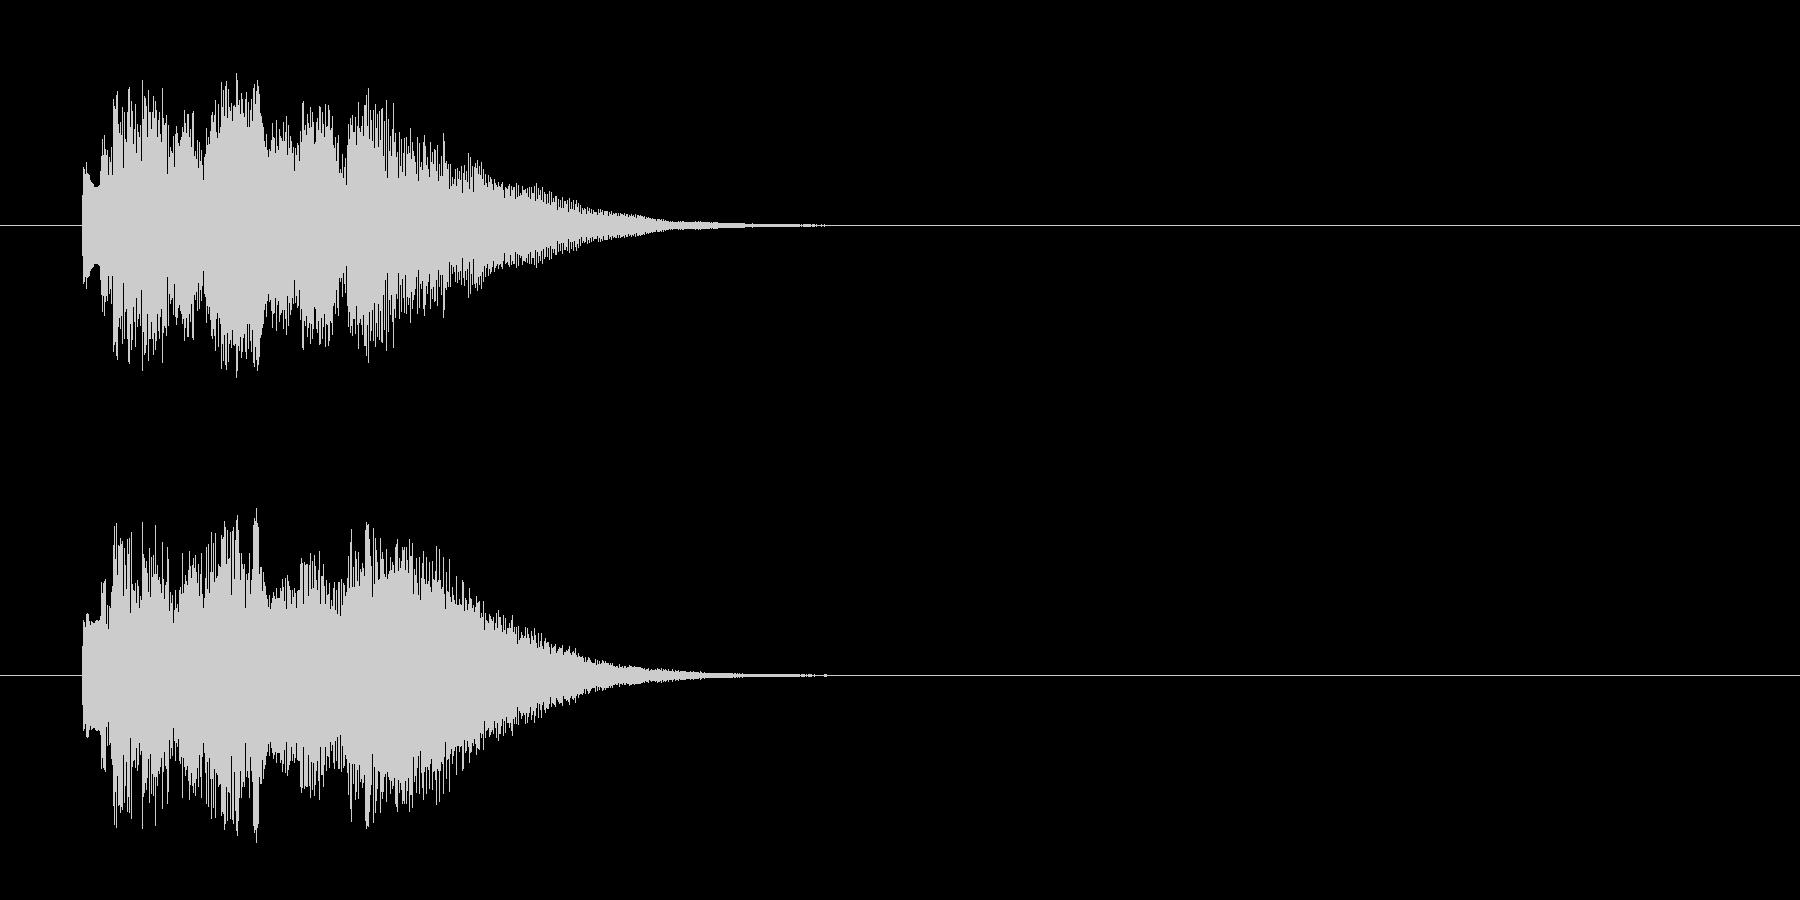 ジングル/神秘的・実験結果(環境)の未再生の波形